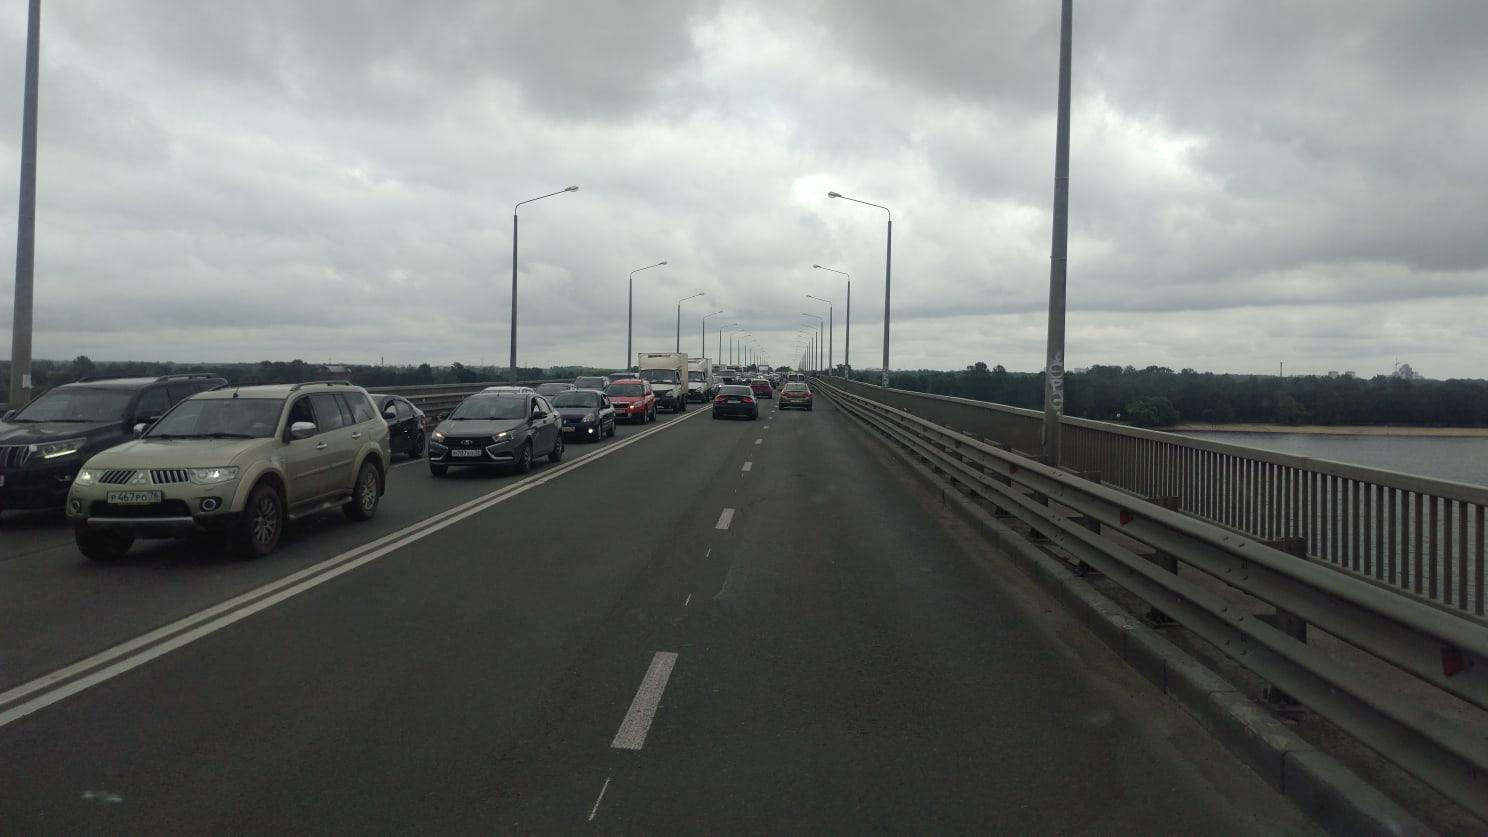 ДТП на Октябрьском мосту в Ярославле спровоцировало огромную пробку за Волгой